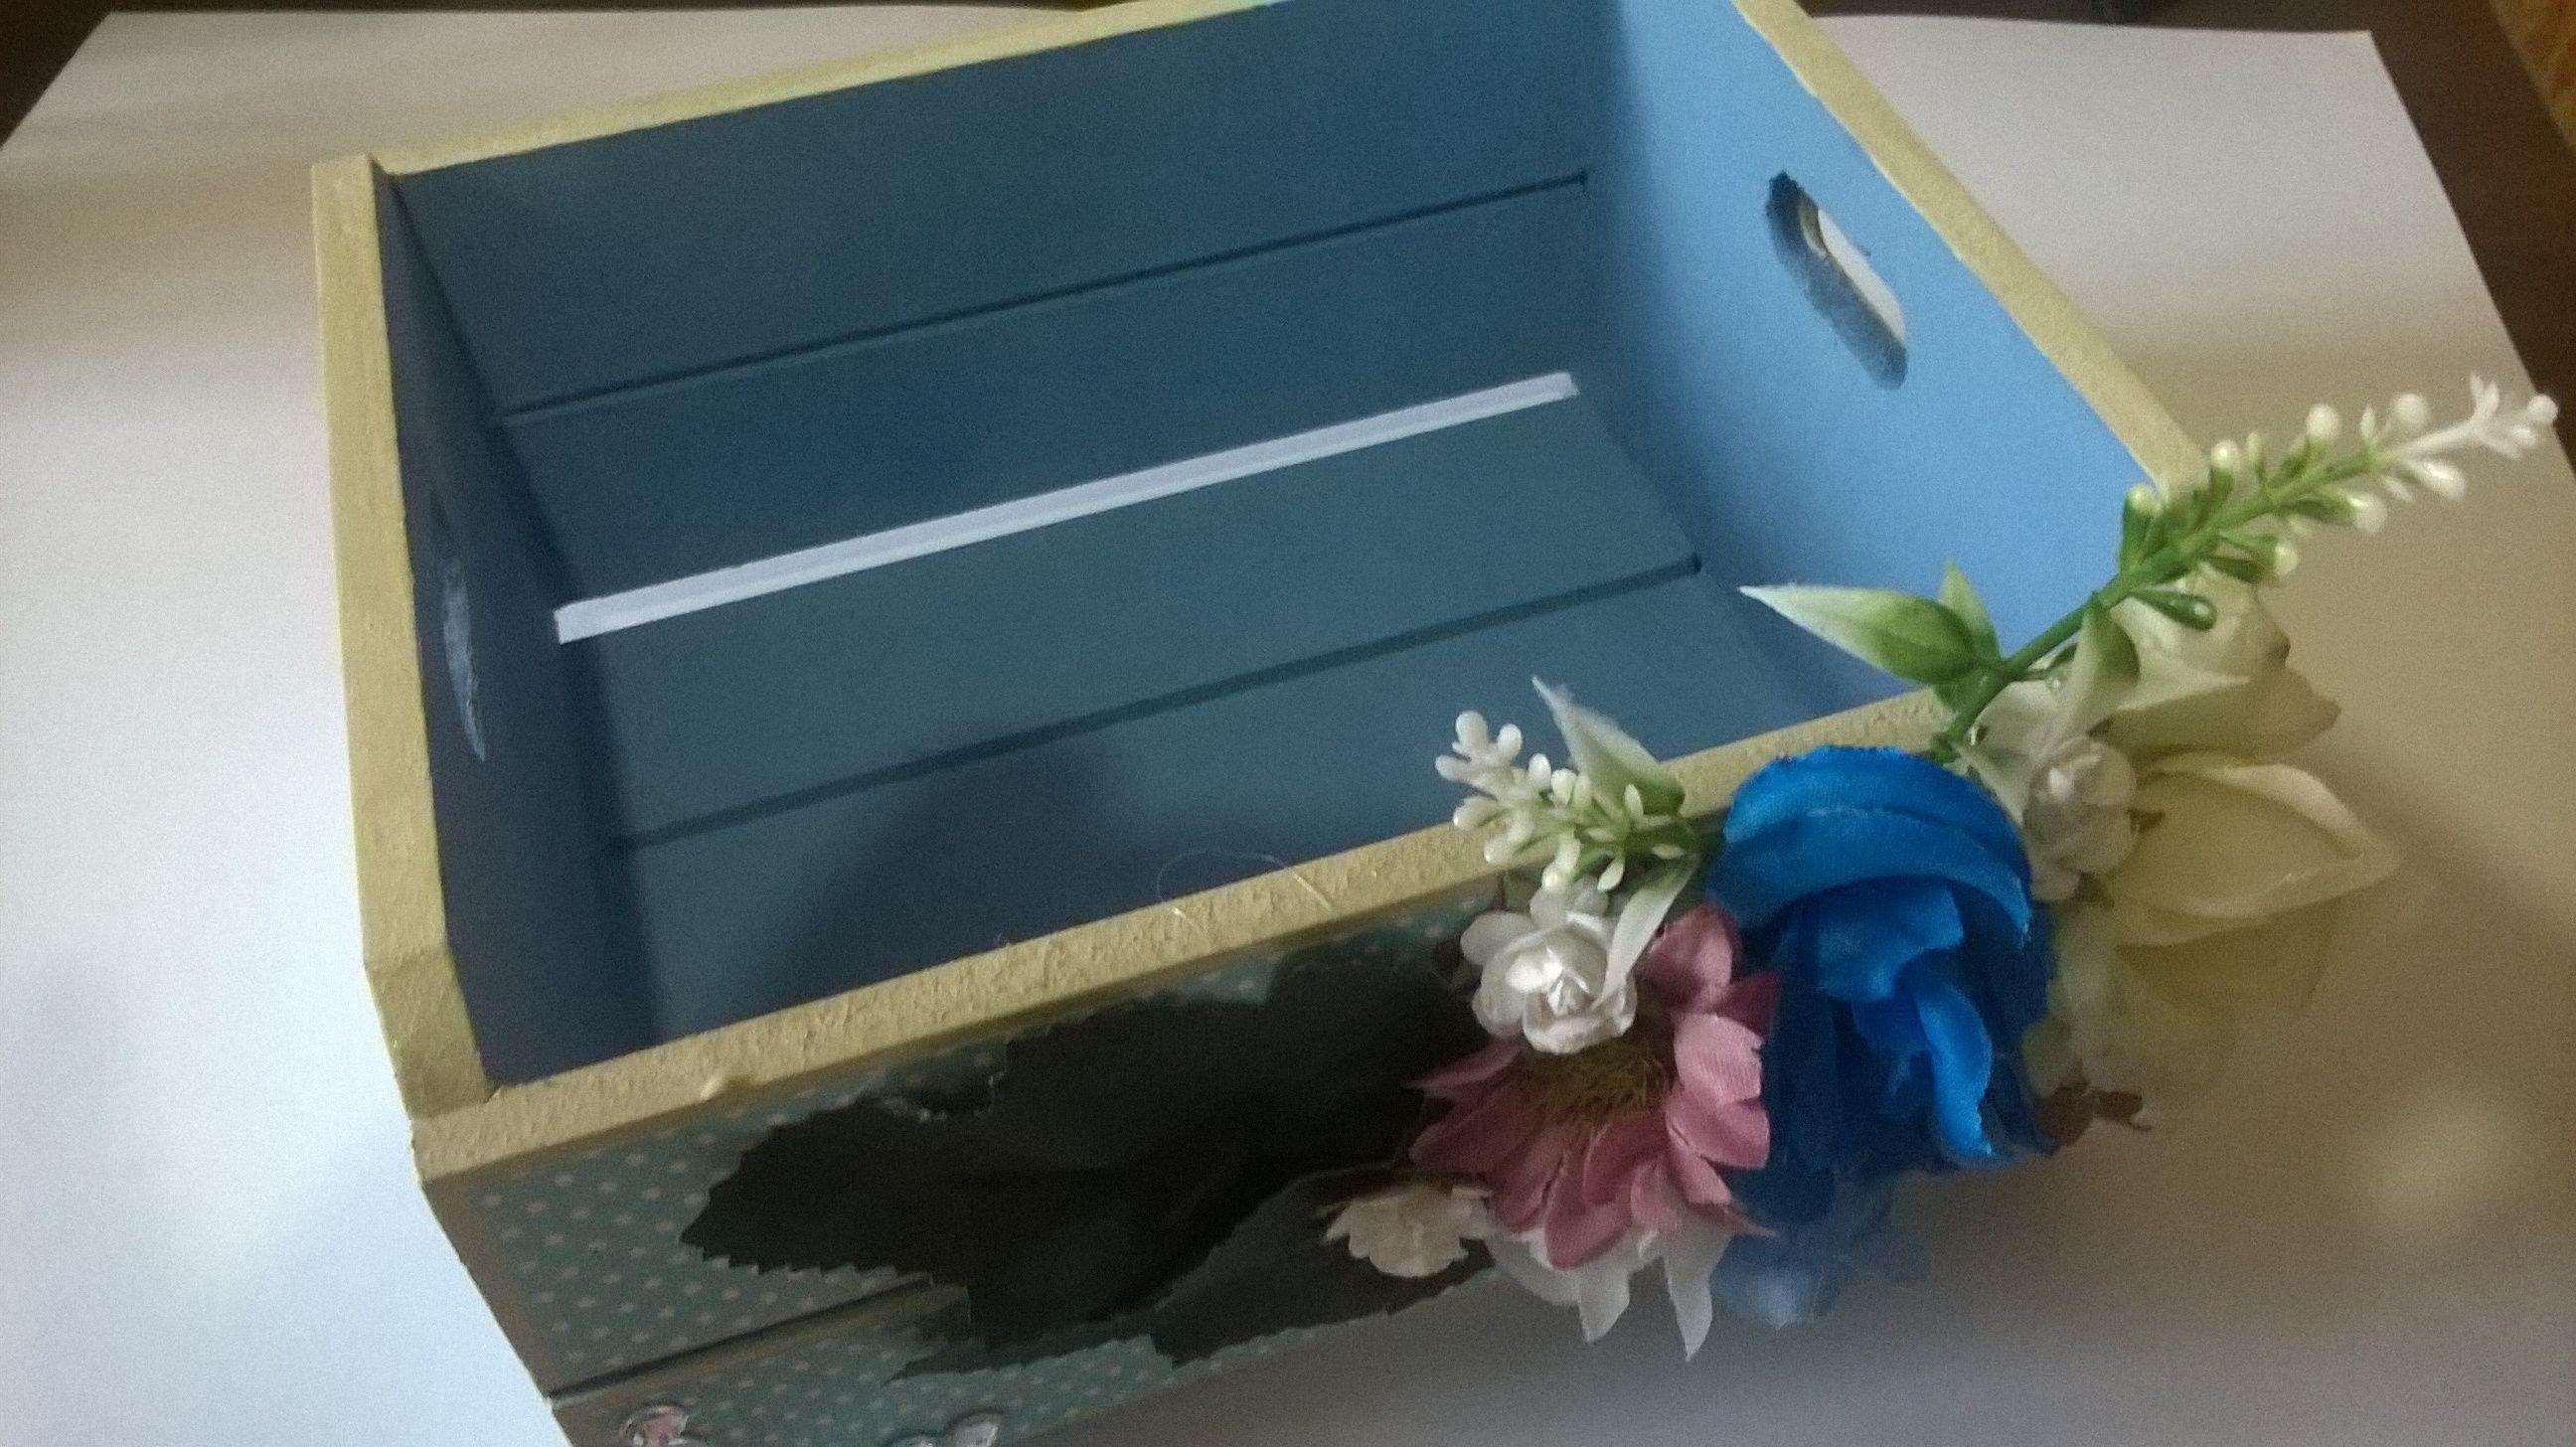 Minha participação no Desafio da Organização - DT Edelise do blog Scrapbook e Tal, com a produção de um Porta Treco em mdf, pintado em tons azuis decorado com papeis para scrap e flores artificiais.